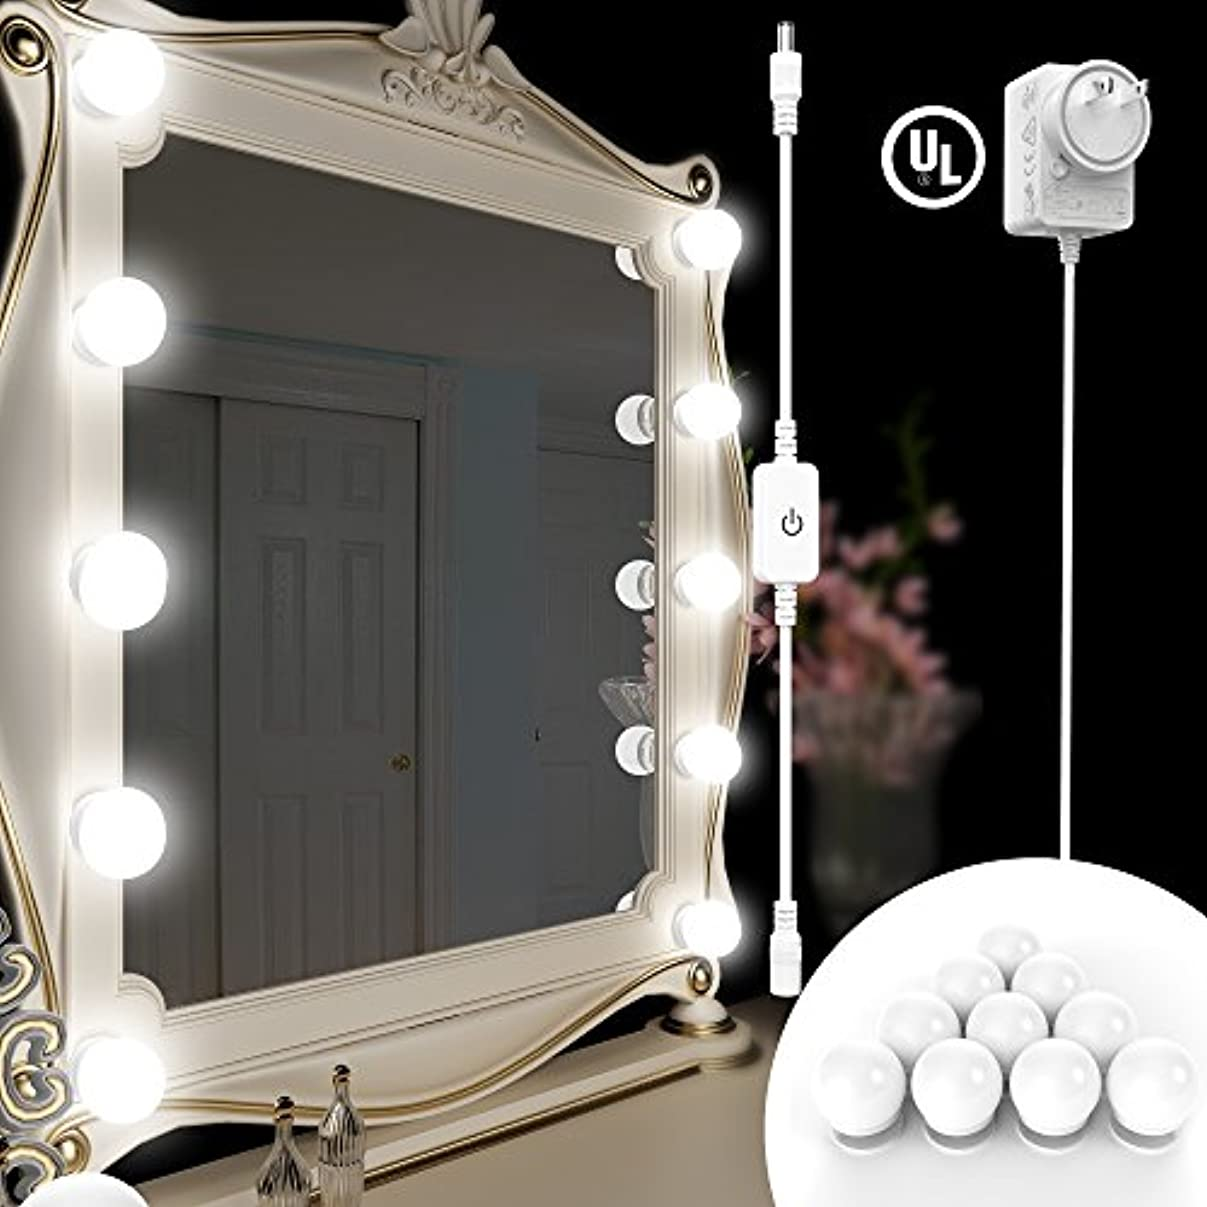 縫い目フォーカス旅行BlueFire DIY 化粧鏡 LEDライト 女優ミラーライト ハリウッドライト ドレッサーライト 10個LED電球 明るさ調節可能 全長3.6M 隠し配線 メイクアップミラーライト バニティミラーライトキット